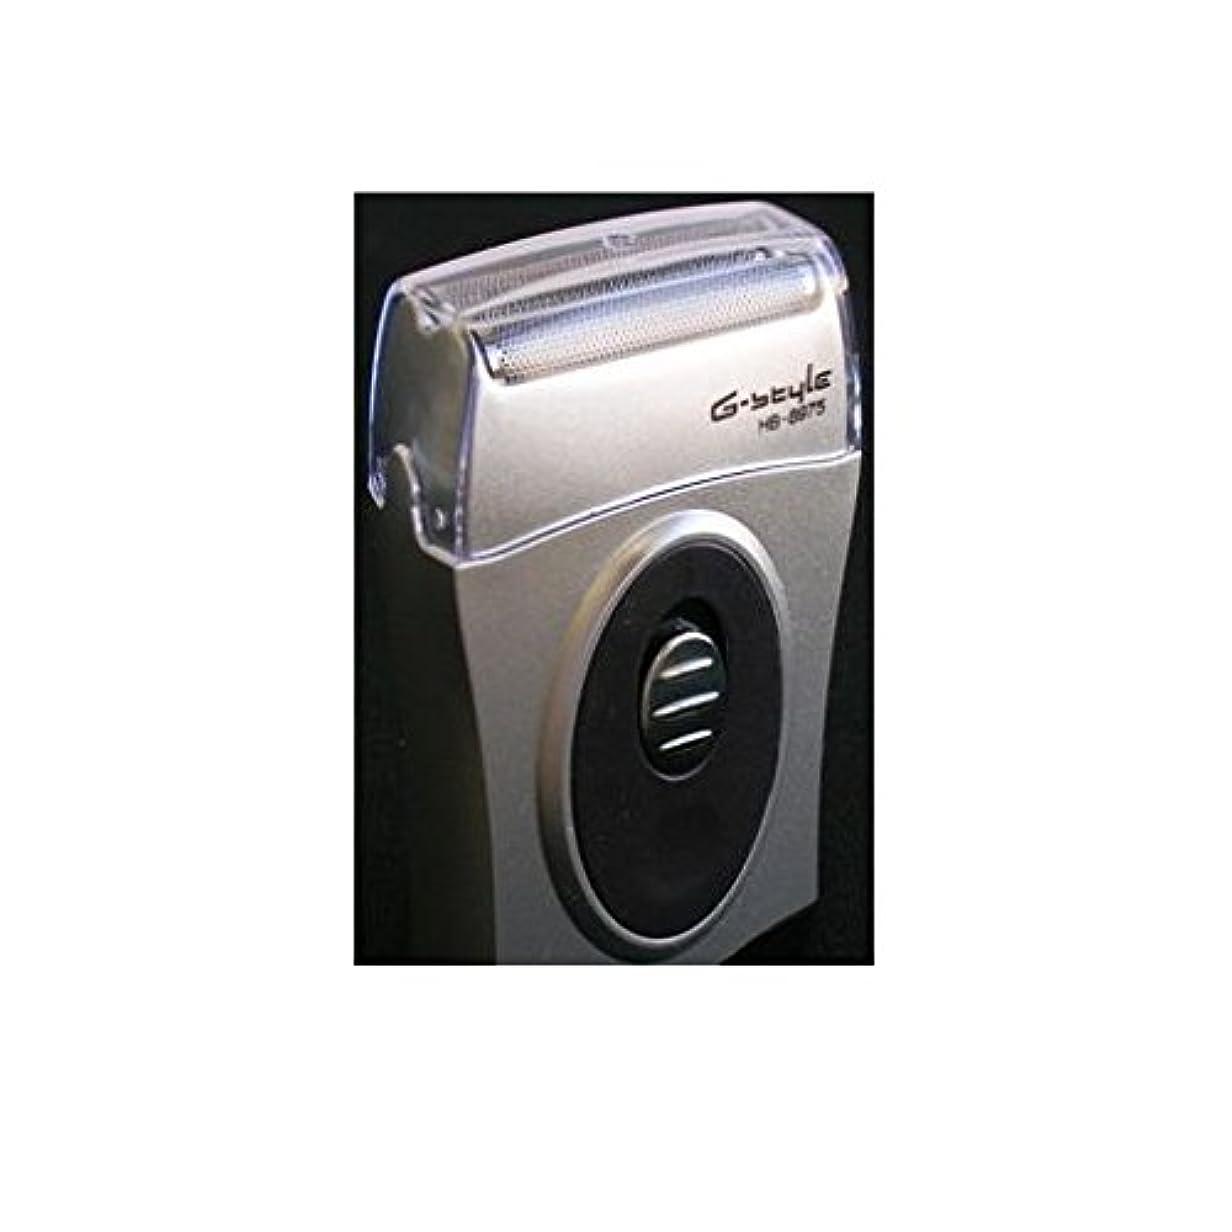 電話する高い通常BV57088 水洗いポケットシェーバー HB-8975